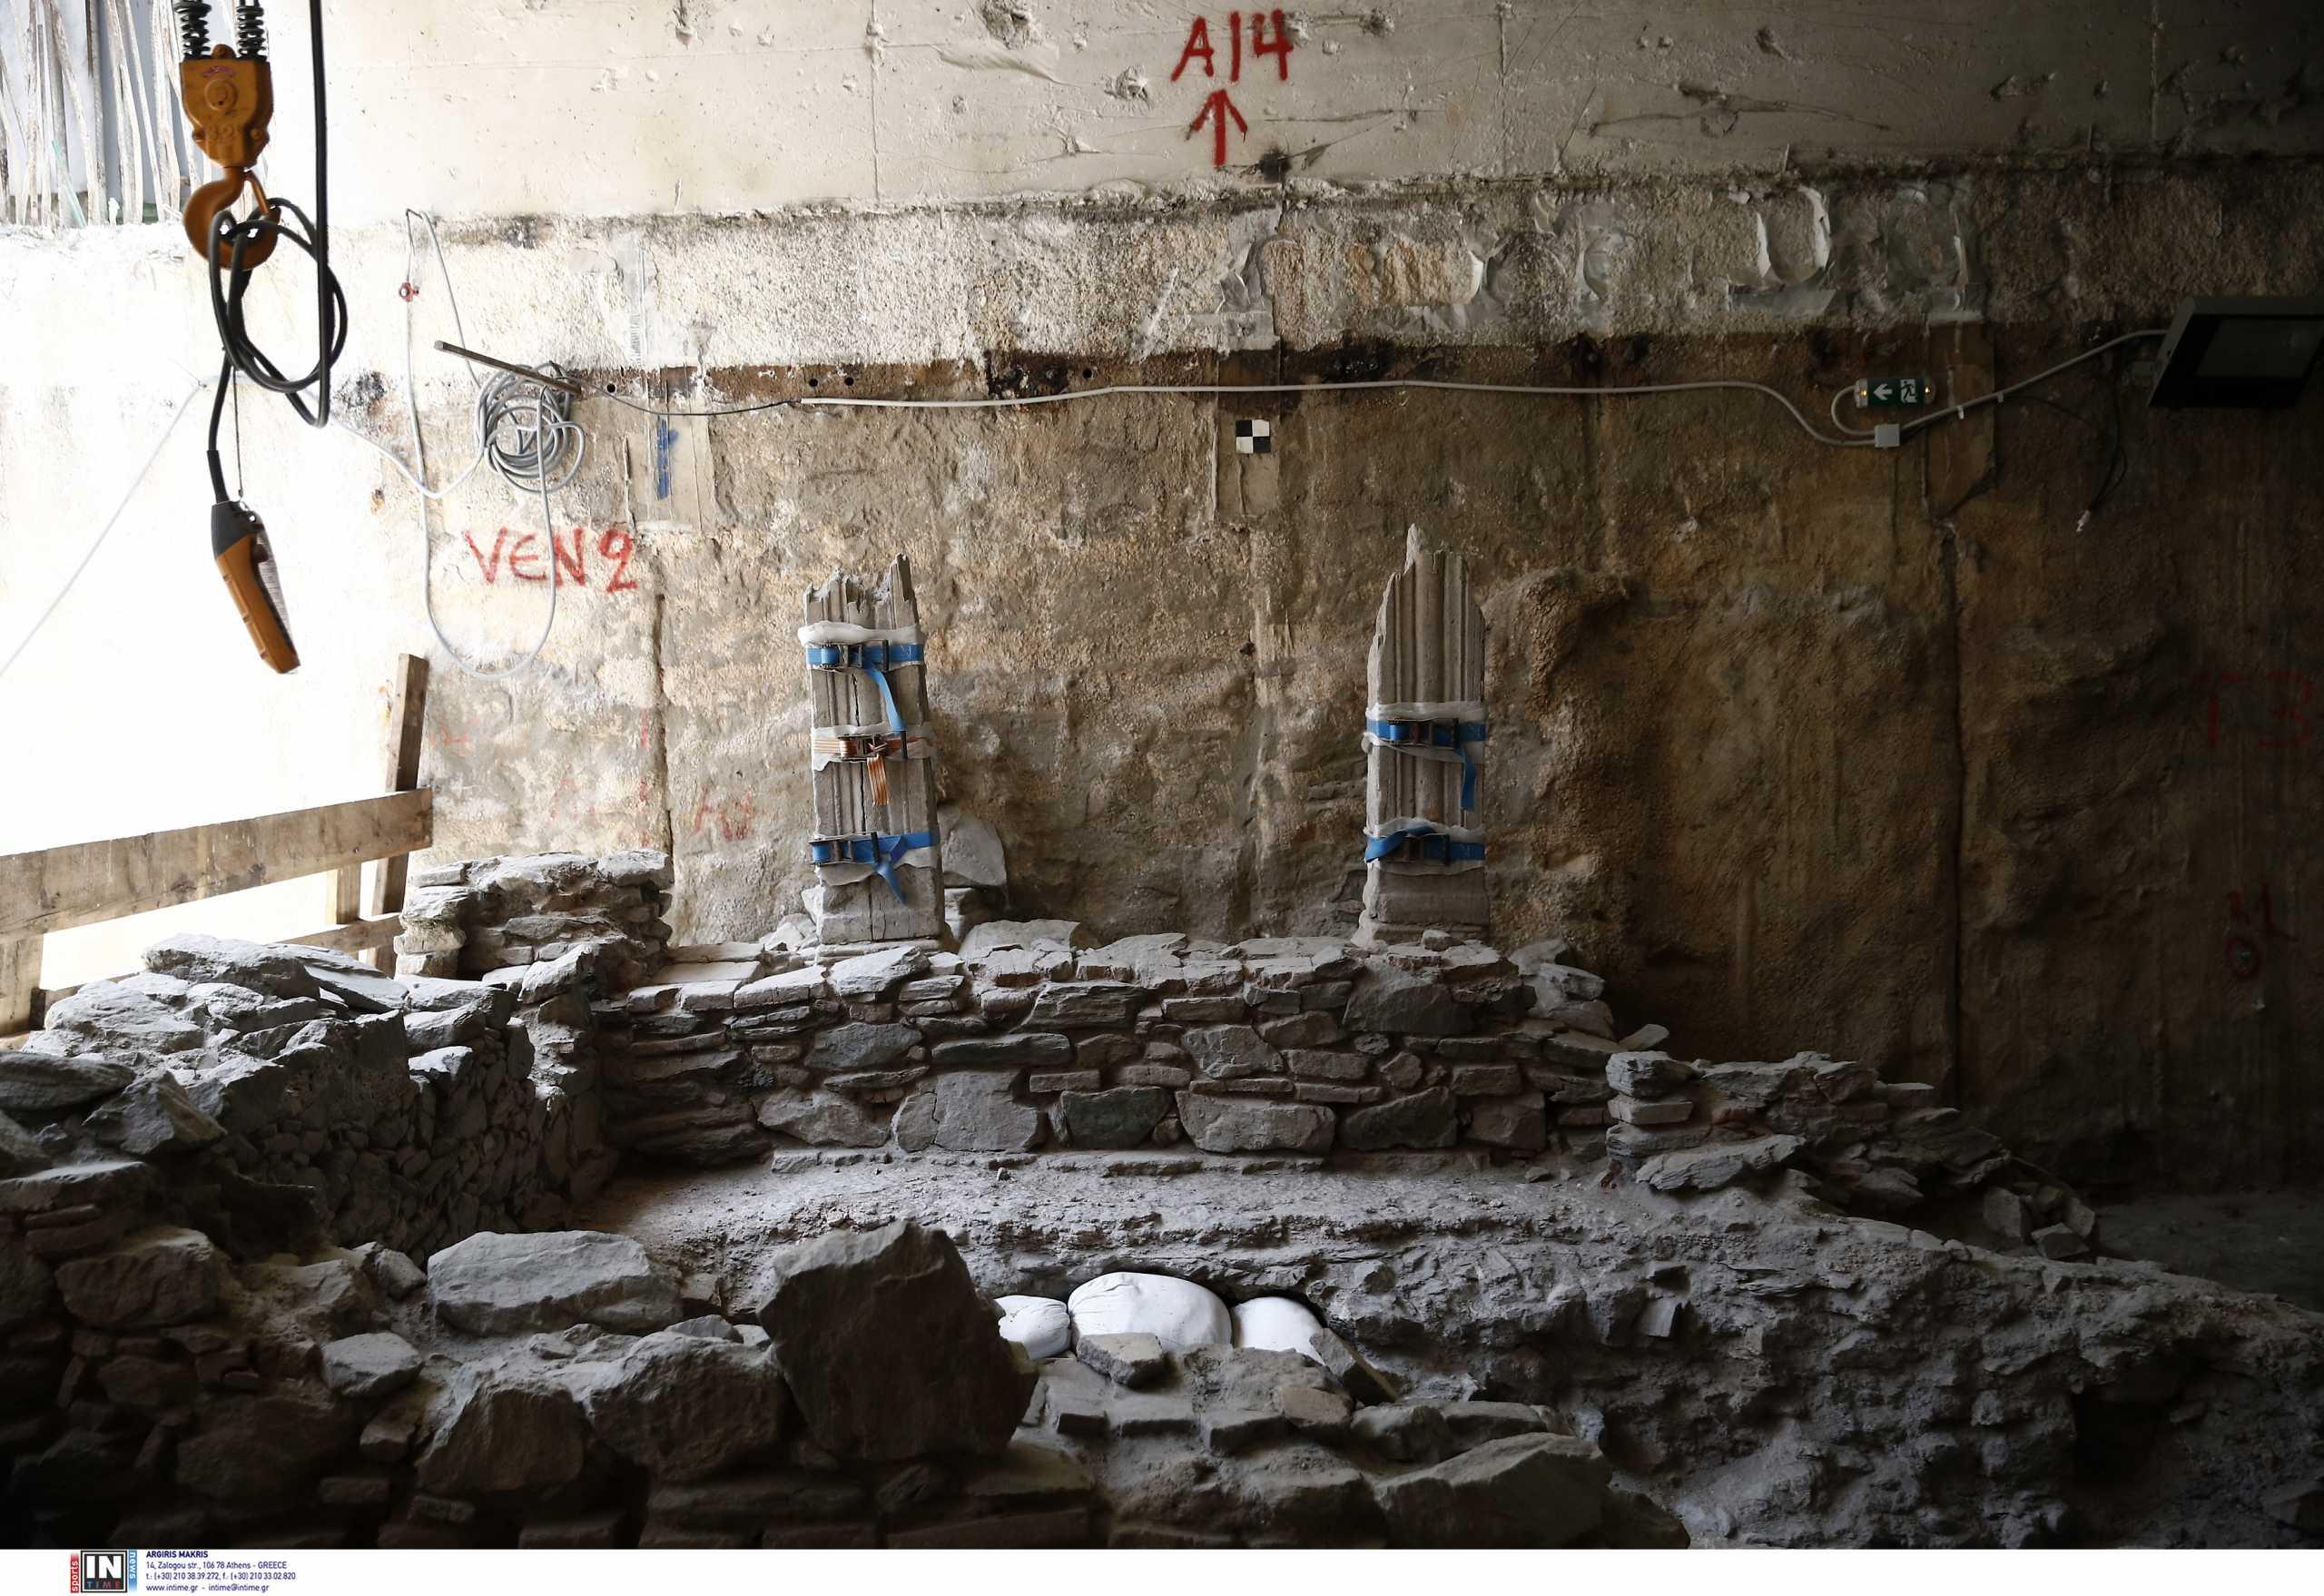 ΣτΕ: Συνταγματικές οι αποφάσεις για τη μεταφορά των αρχαίων στο μετρό Θεσσαλονίκης